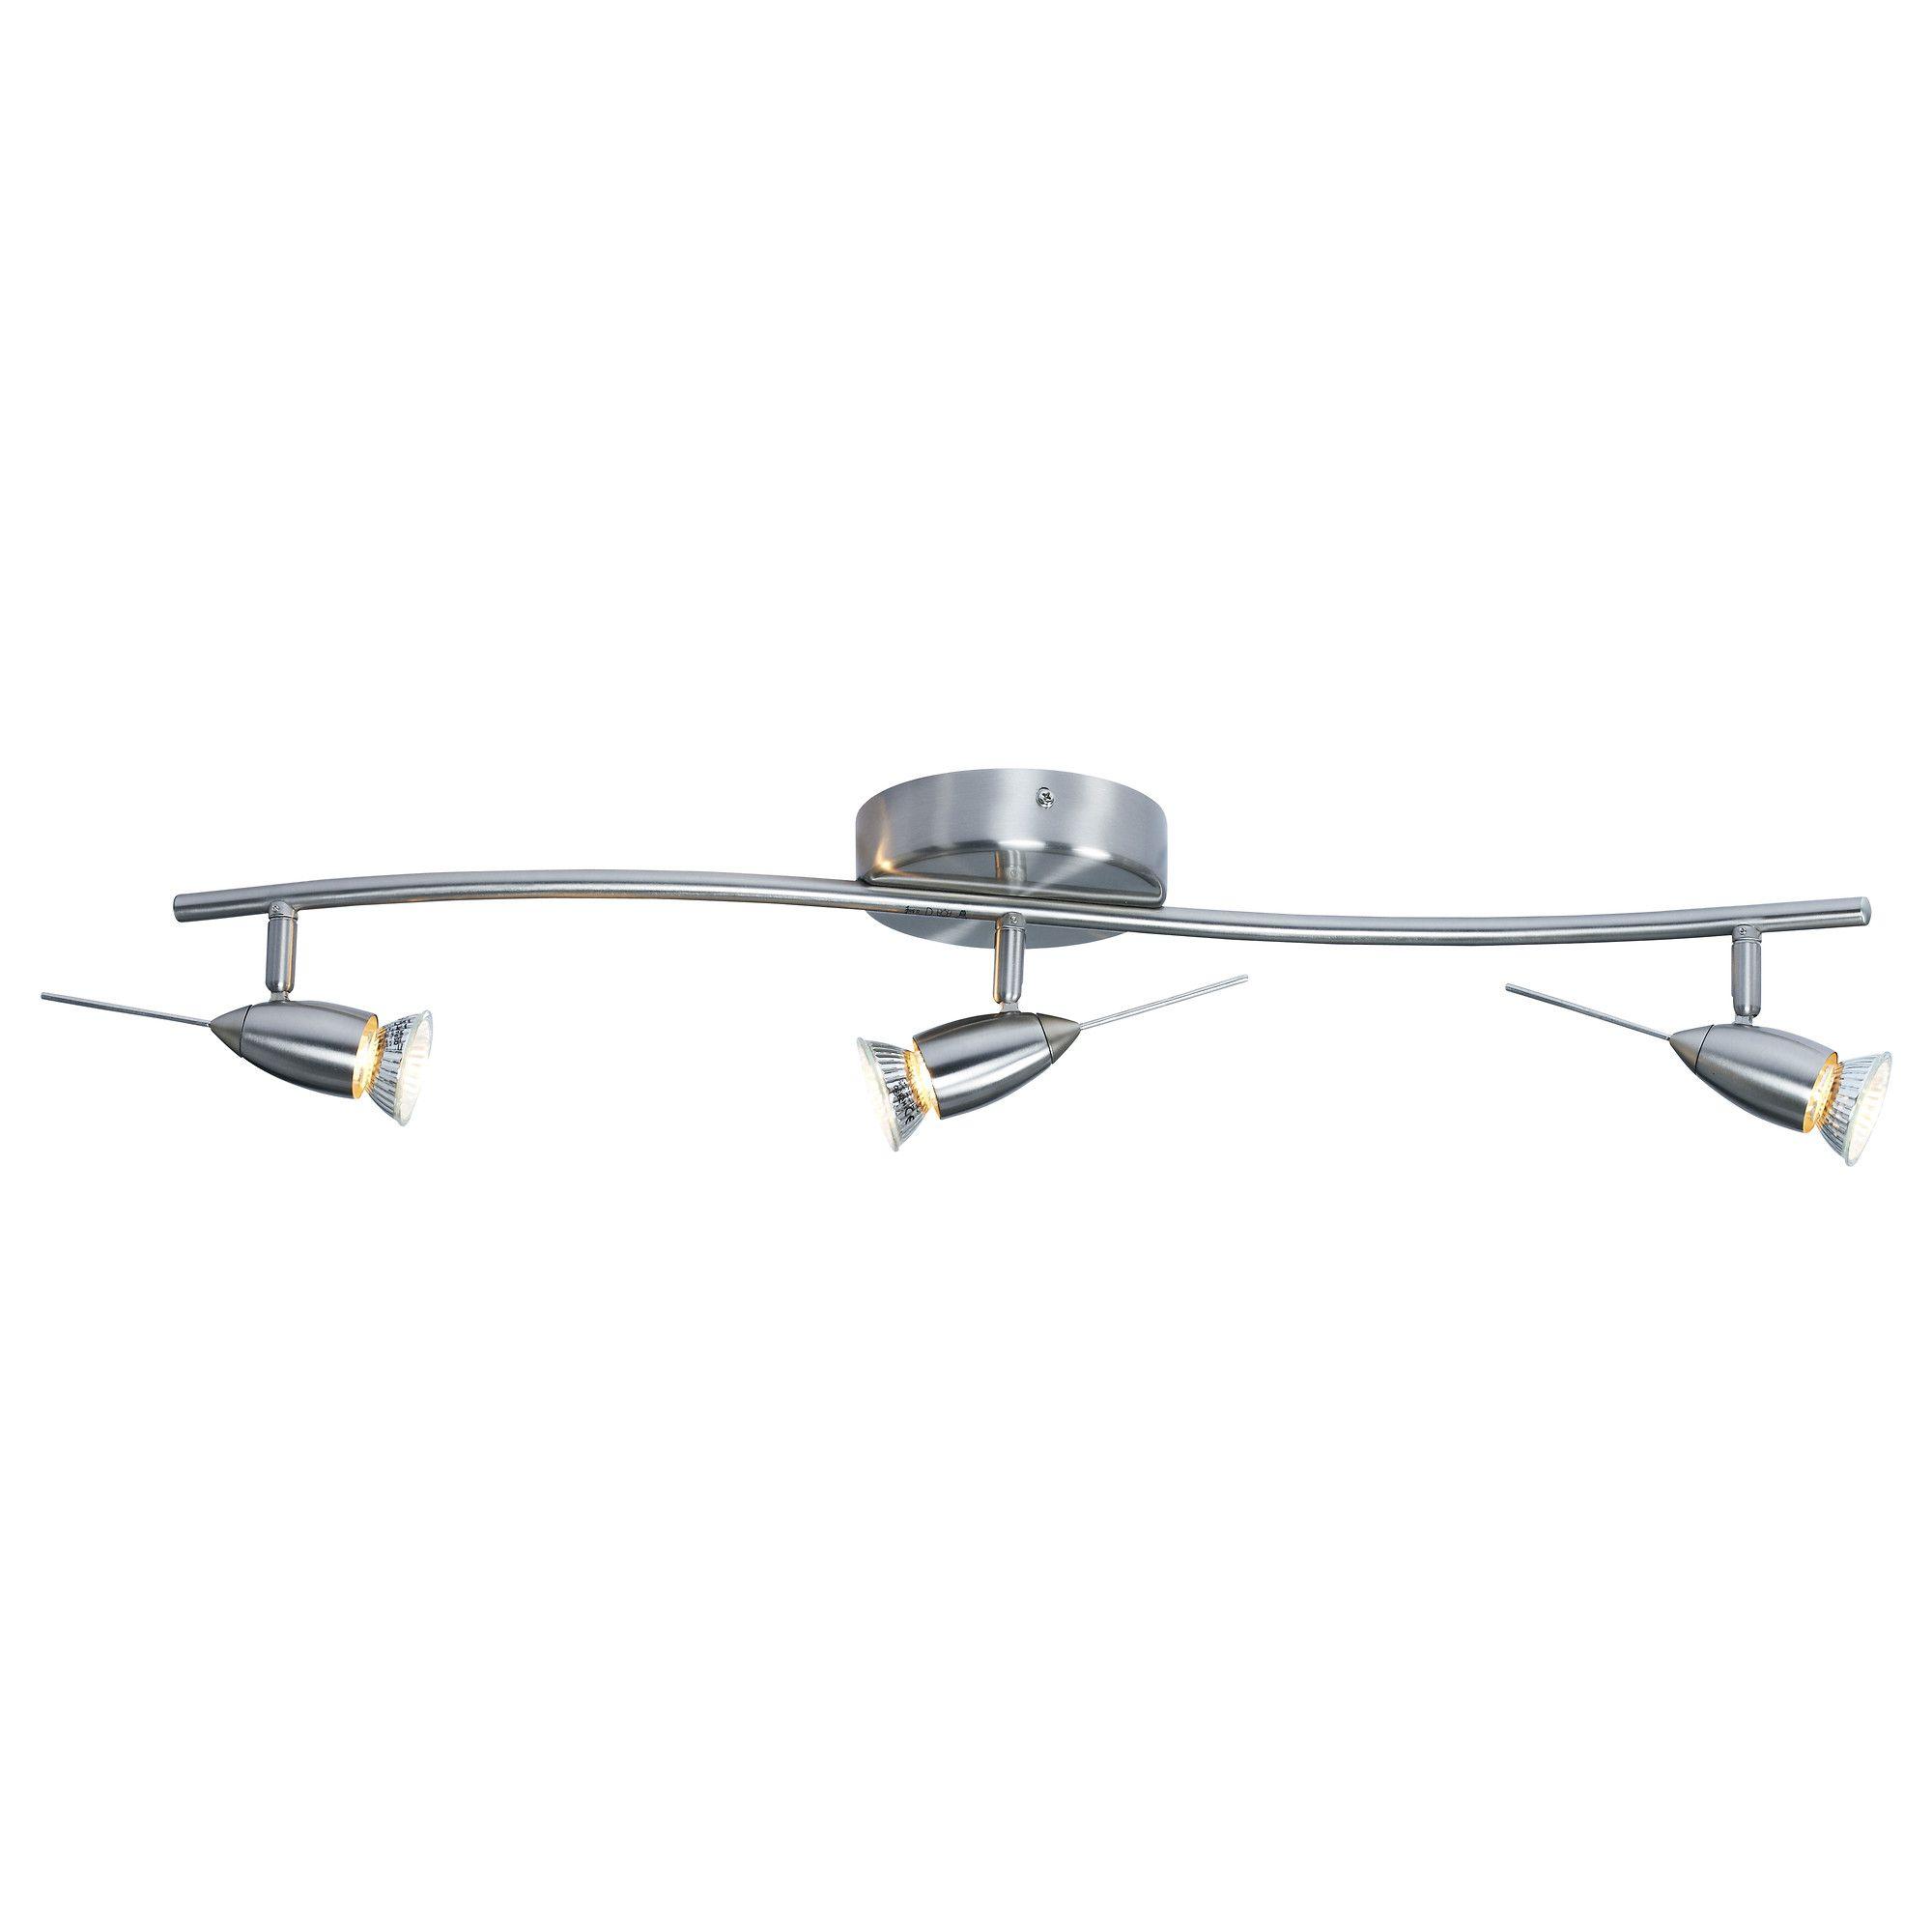 HUSINGE Ceiling track 3 spotlights nickel plated